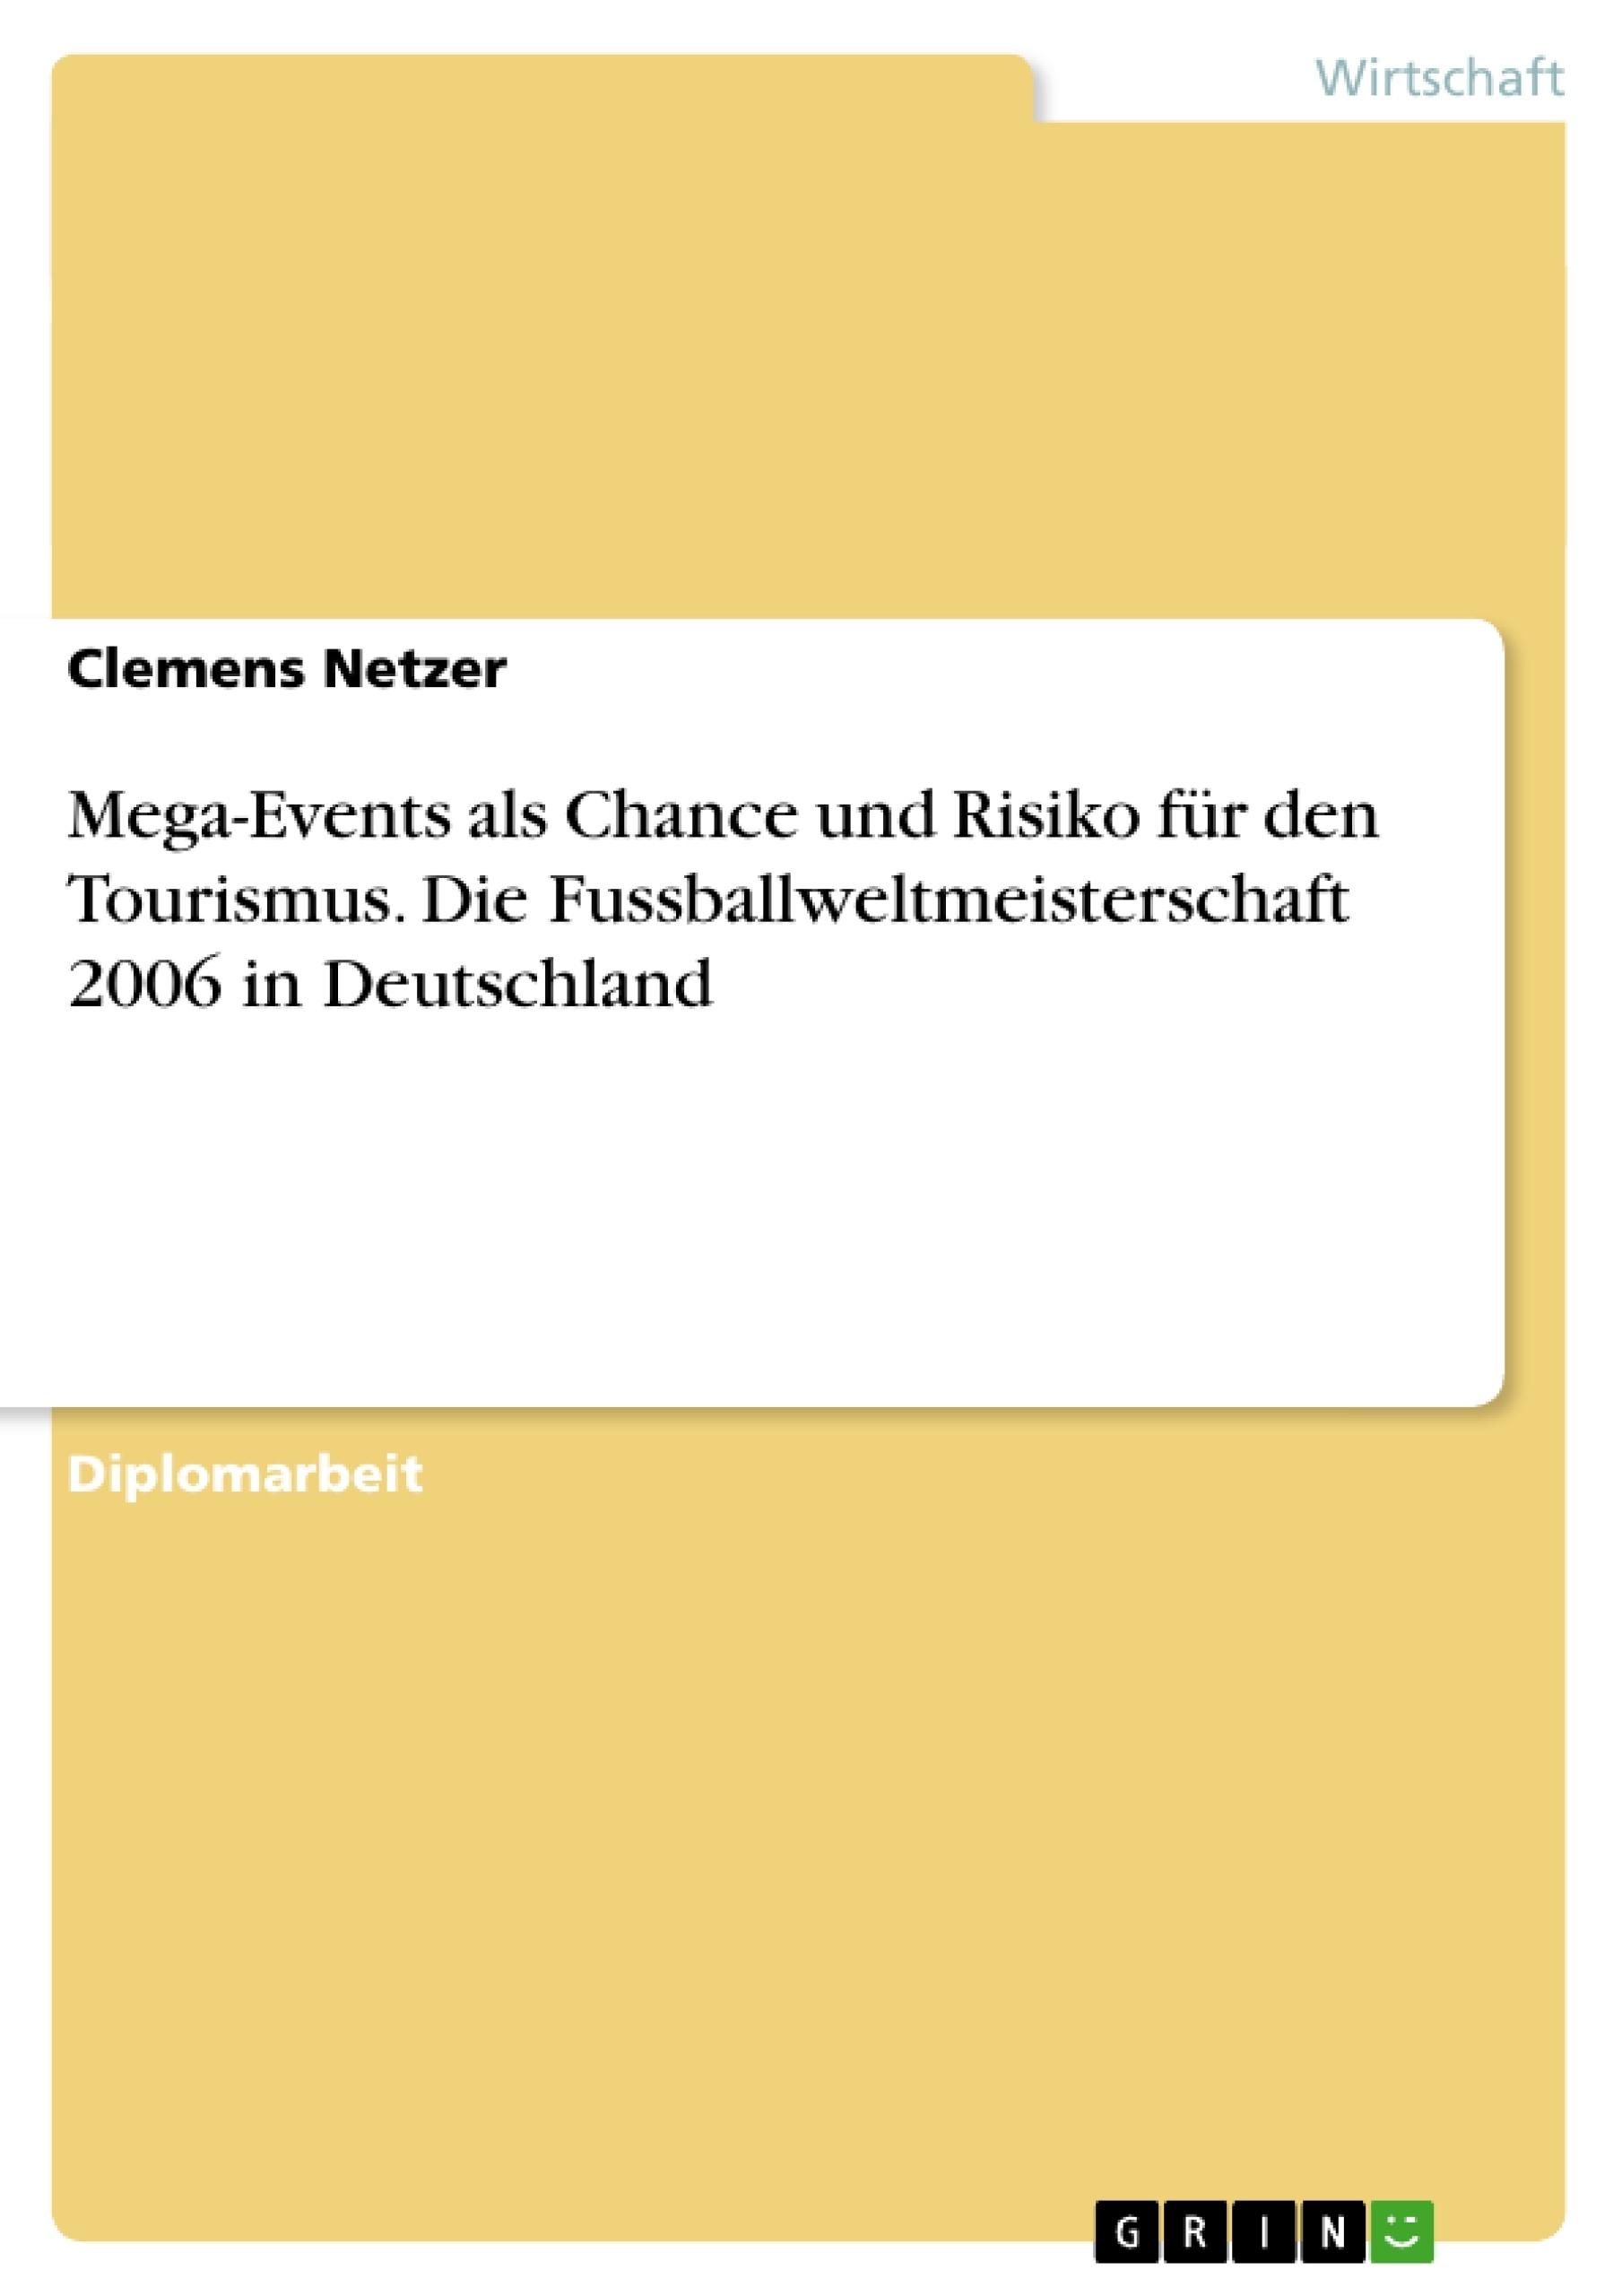 Titel: Mega-Events als Chance und Risiko für den Tourismus. Die Fussballweltmeisterschaft 2006 in Deutschland